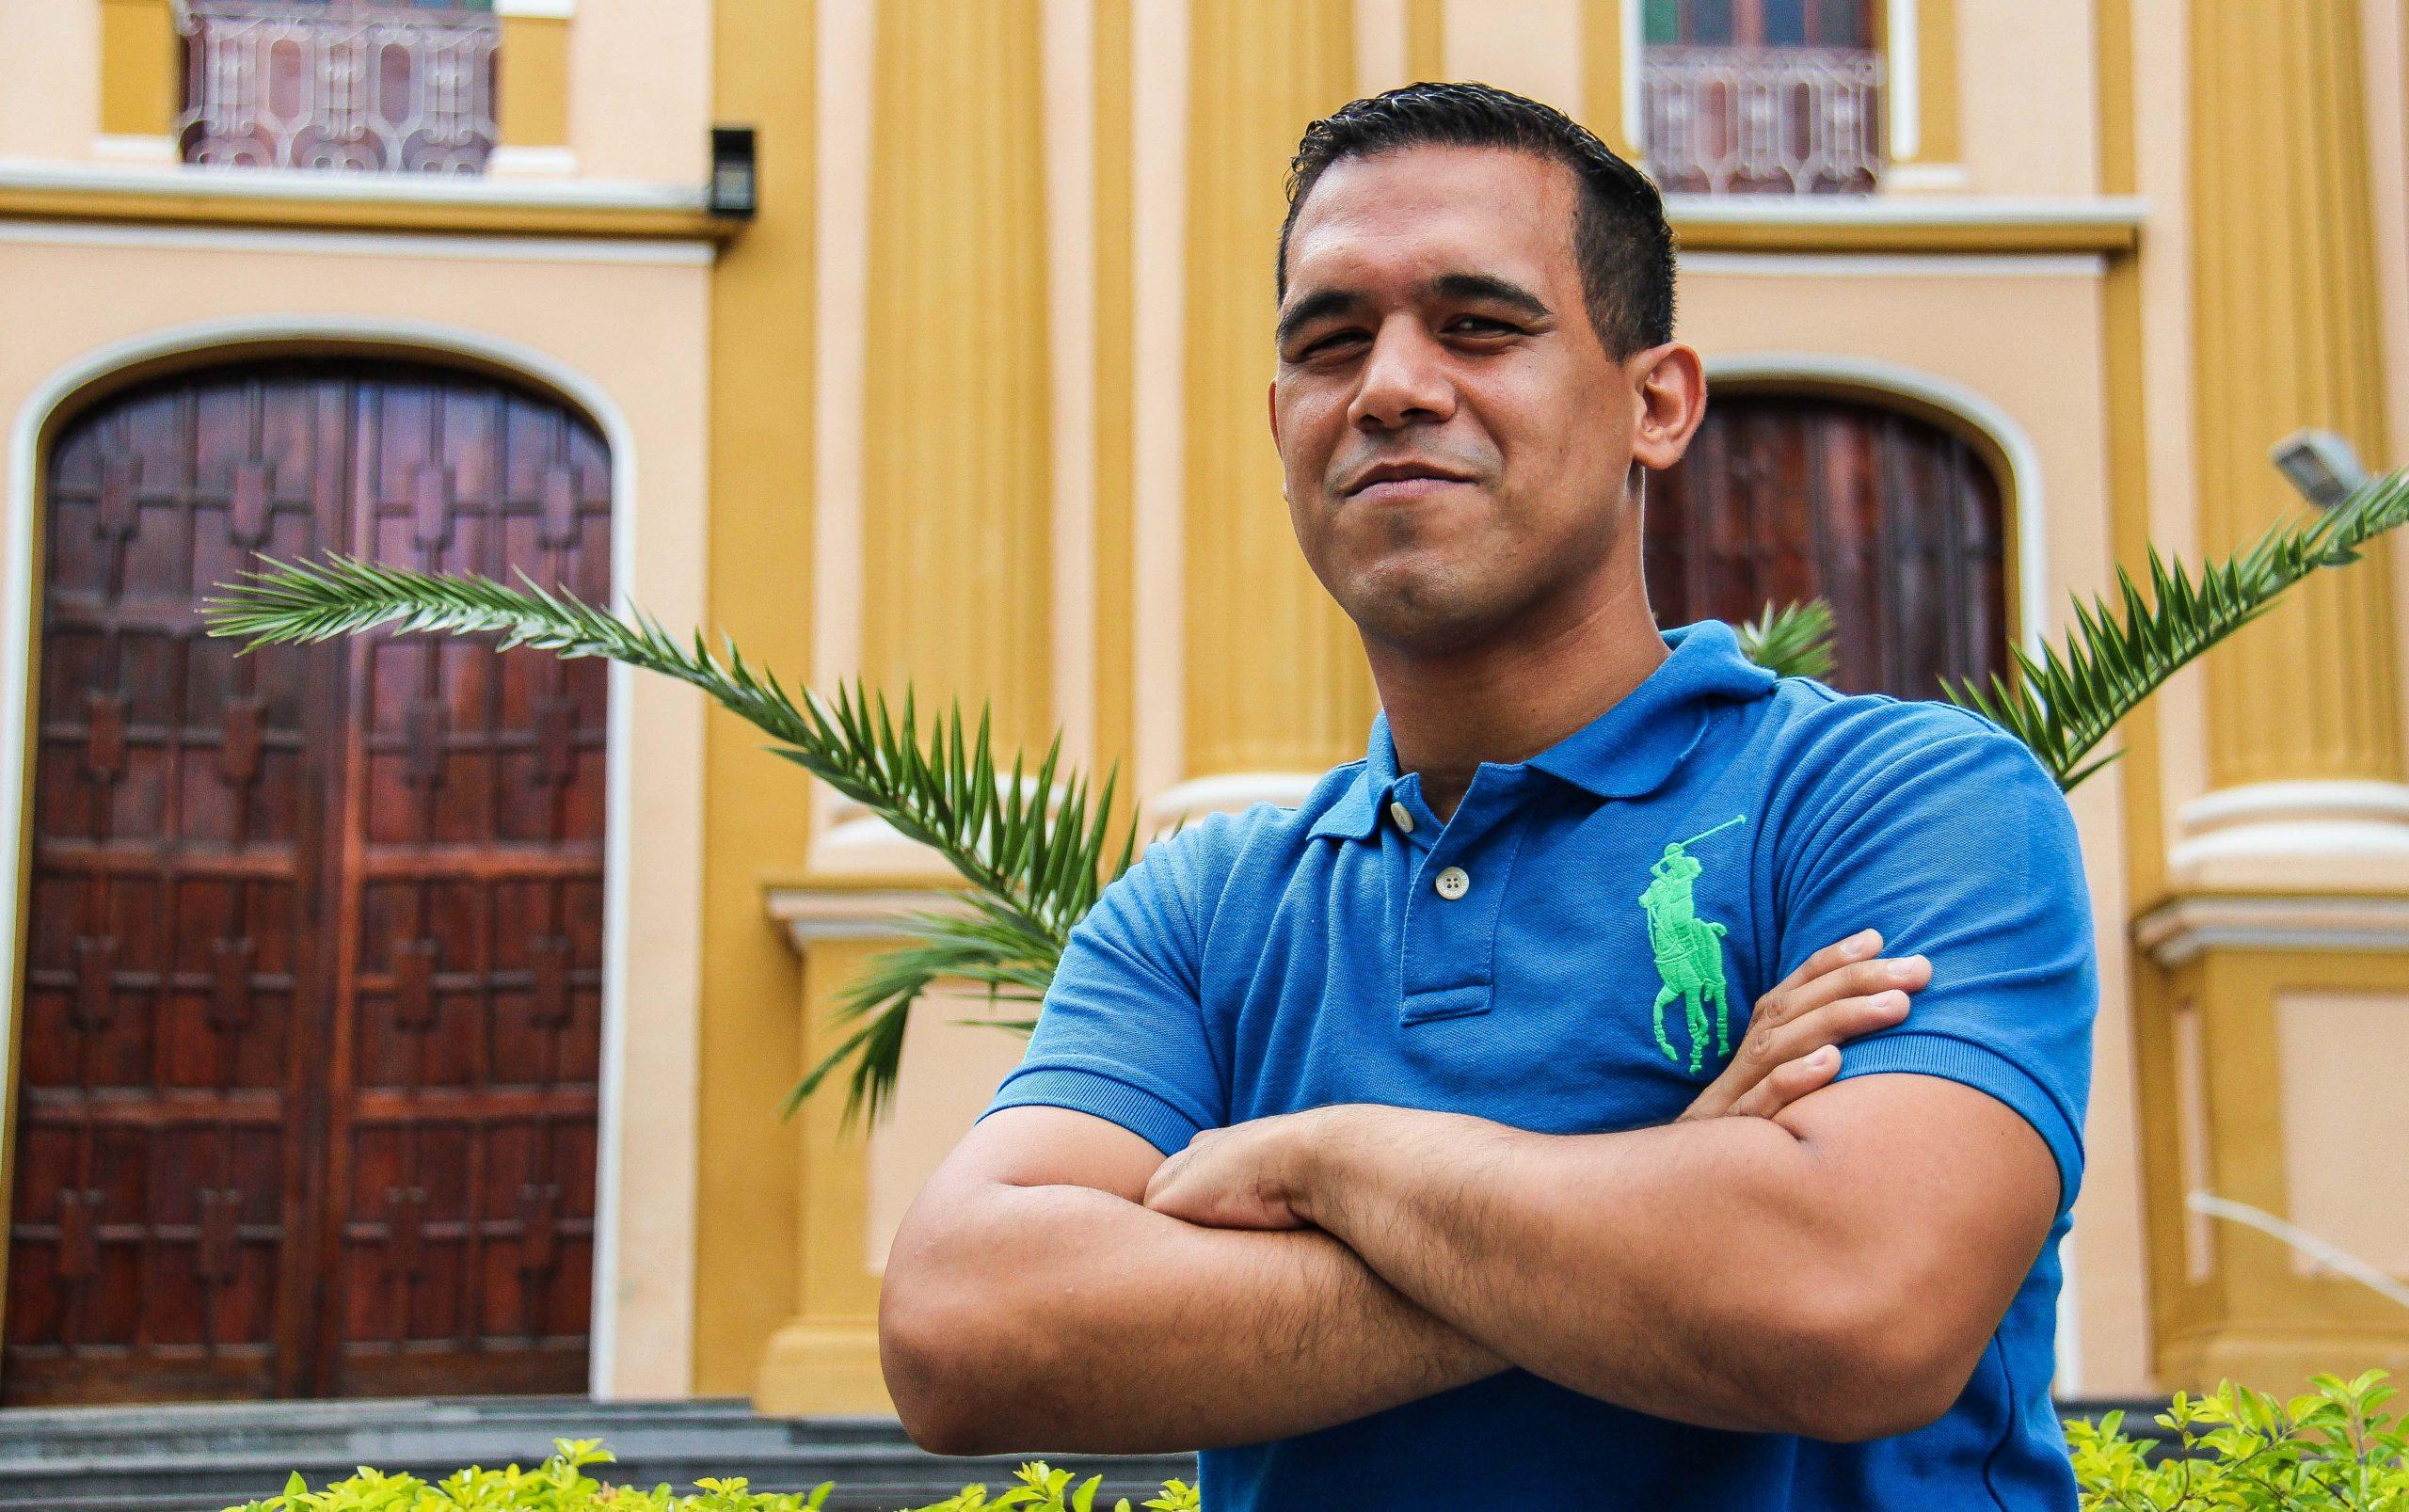 En Santa Lucía Se Toca Con Disciplina, Responsabilidad Y Compañerismo